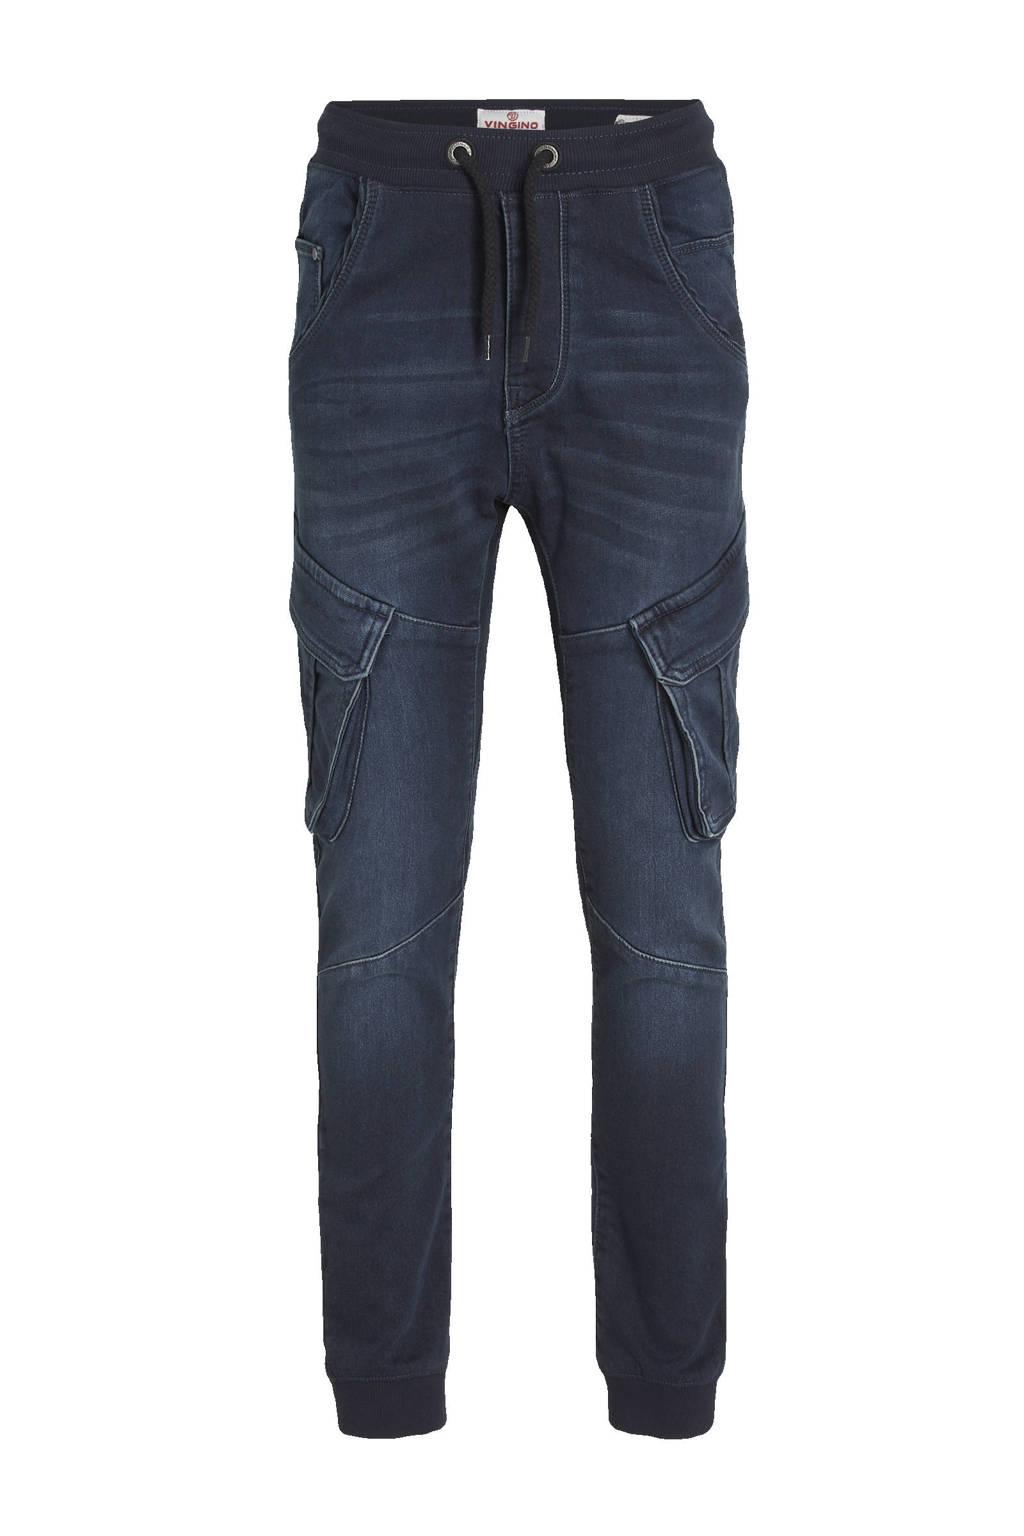 Vingino loose fit jeans Carlos cruziale blue, Cruziale blue